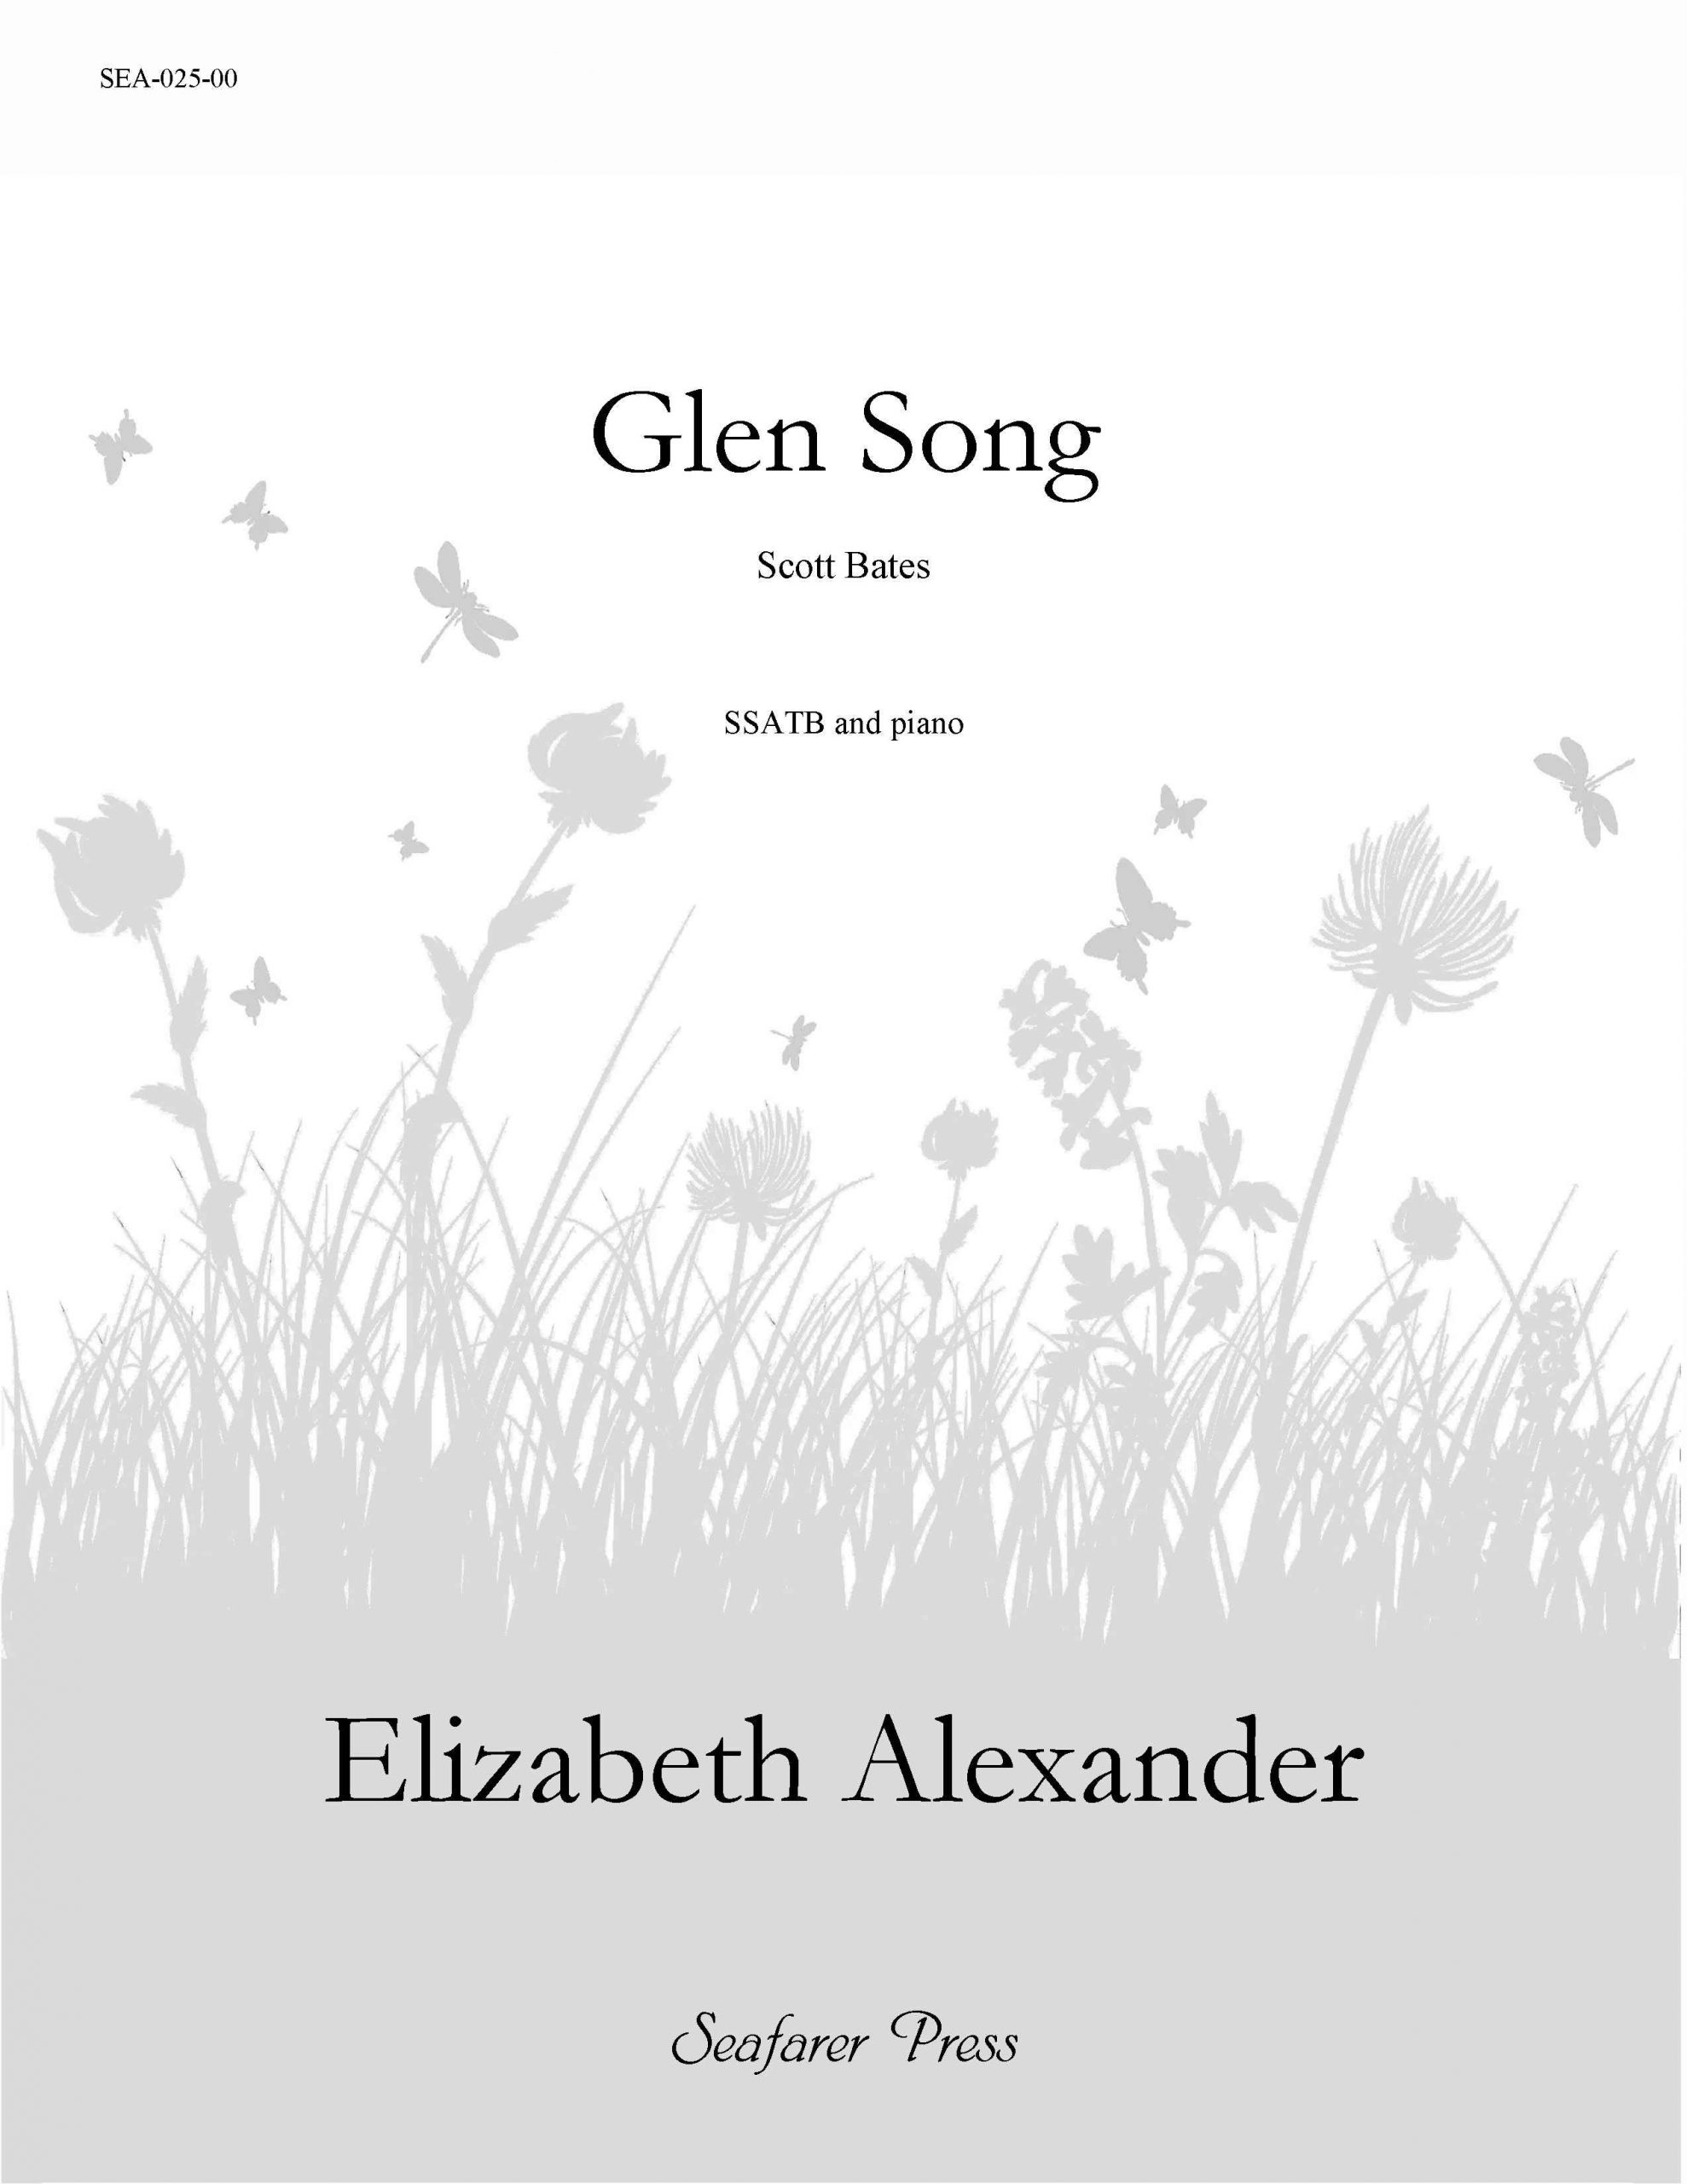 SEA-025-00 - Glen Song